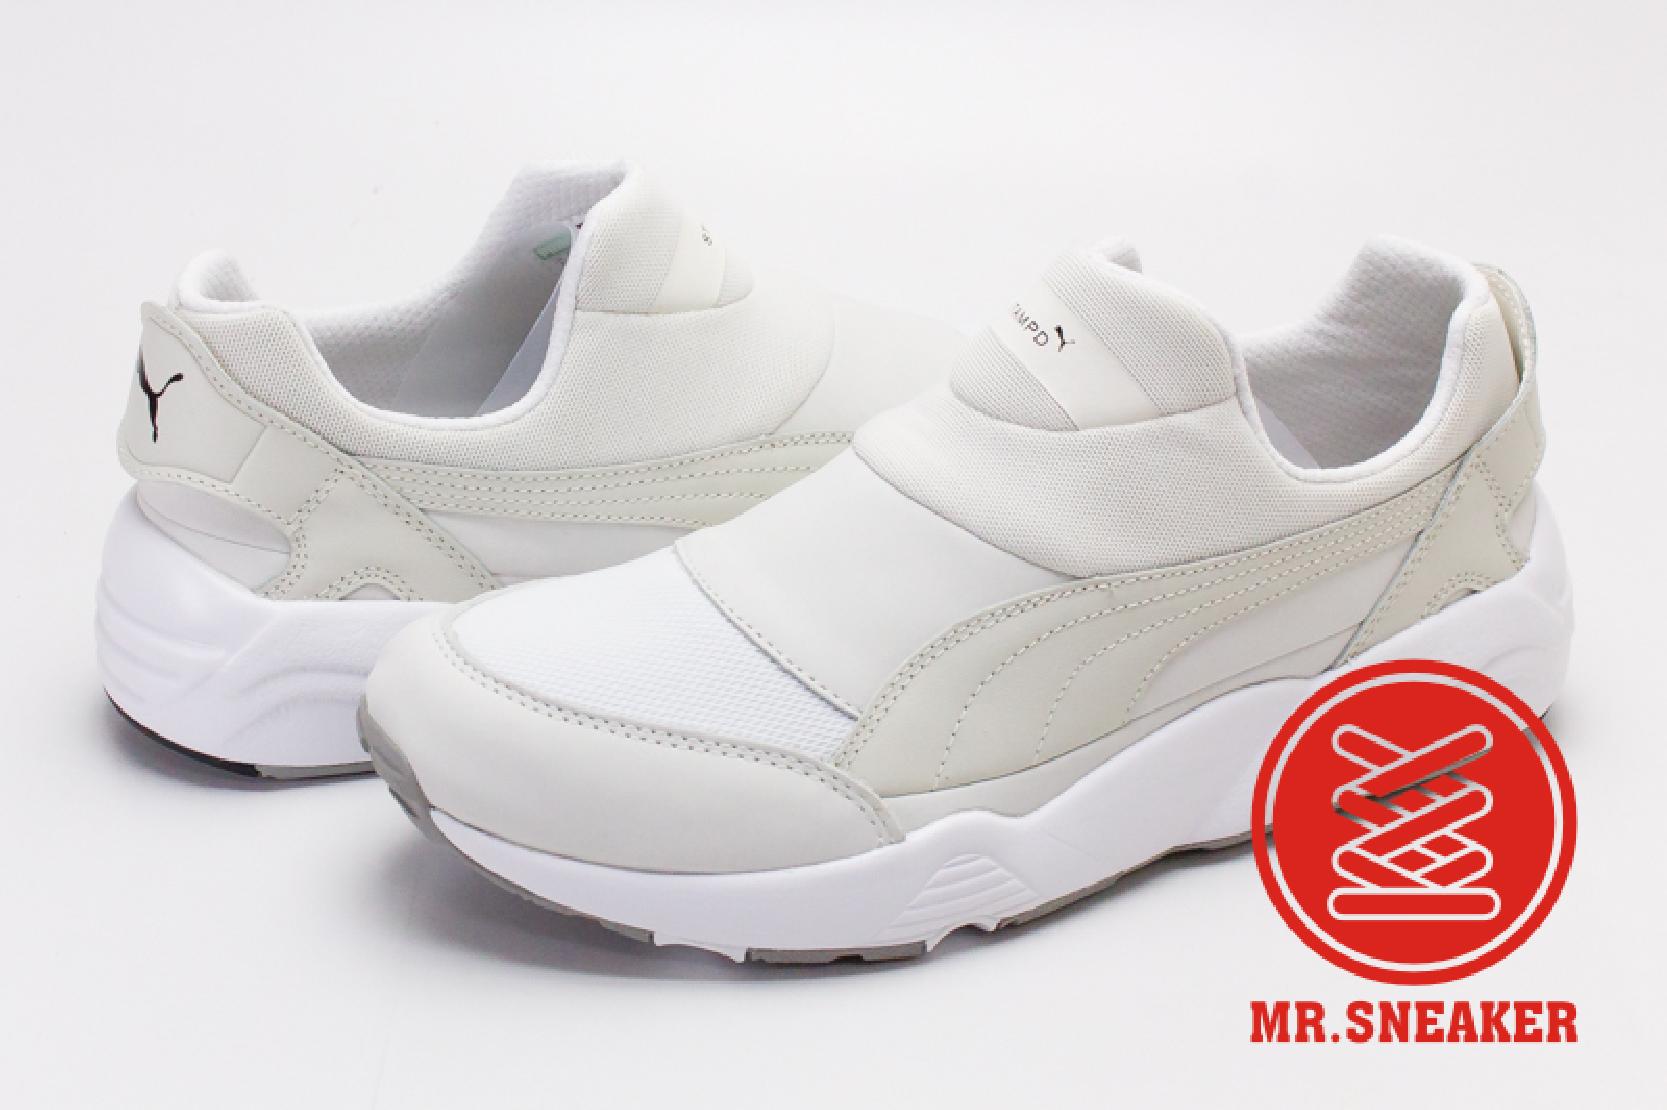 ☆Mr.Sneaker☆ Puma Trinomic Sock NM X Stampd 限量 聯名 襪套式 免鞋帶 米白 男款